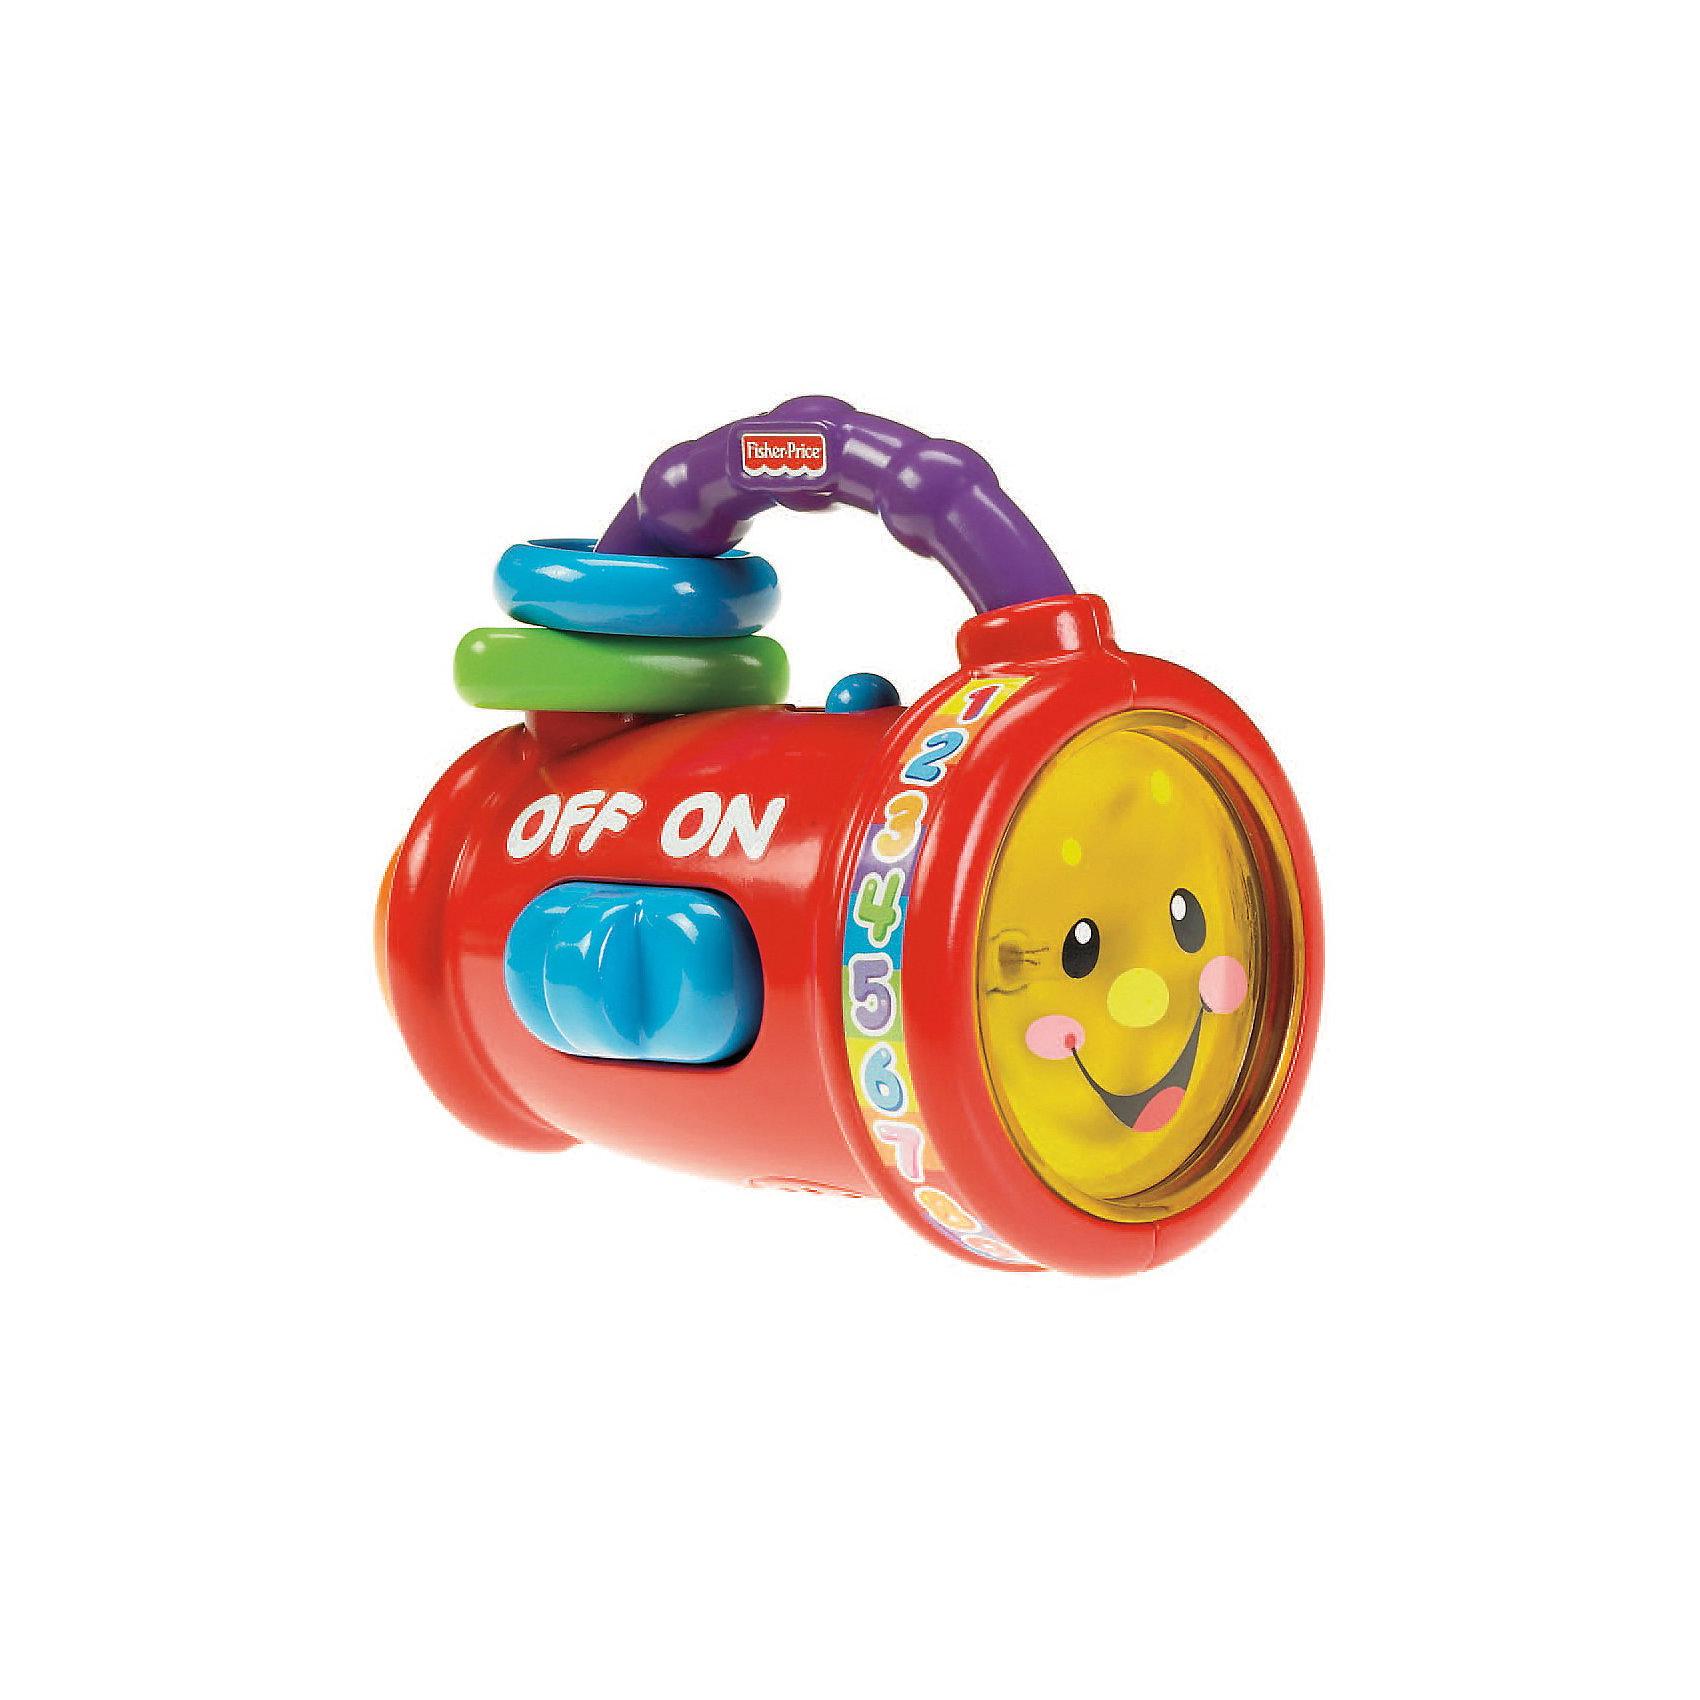 Обучающий фонарик, Fisher-PriceКрасивый и яркий обучающий фонарик, который удобно держать даже самыми маленькими ручками!<br>Фонарик проигрывает более 20 песен, мелодий и фраз! Фонарик имеет обучающие функции:  преподает цифры, цвета, противоположности, интерактивные фразы и песни! Переключая кнопку сбоку фонарика, малыш может включать/выключать лампочку фонарика, прослушать слова-антонимы; нажав кнопку сзади фонарика, можно услышать чудесную песенку.<br>Развитие мелкой моторики: ручка фонарика, оснащенная шариками-погремушками, идеально помещается в детской ладошке. <br><br>Дополнительная информация:<br><br>- В комплекте: фонарик - 1 шт.<br>- Материал: пластмасса.<br>- Раззмеры: 15х8х10 см.<br>- Для работы игрушки необходимы 2 батарейки типа ААА (нет в комплекте).<br><br>Обучающий фонарик, Fisher-Price можно купить в нашем магазине.<br><br>Ширина мм: 150<br>Глубина мм: 80<br>Высота мм: 100<br>Вес г: 300<br>Возраст от месяцев: 6<br>Возраст до месяцев: 36<br>Пол: Унисекс<br>Возраст: Детский<br>SKU: 3294203